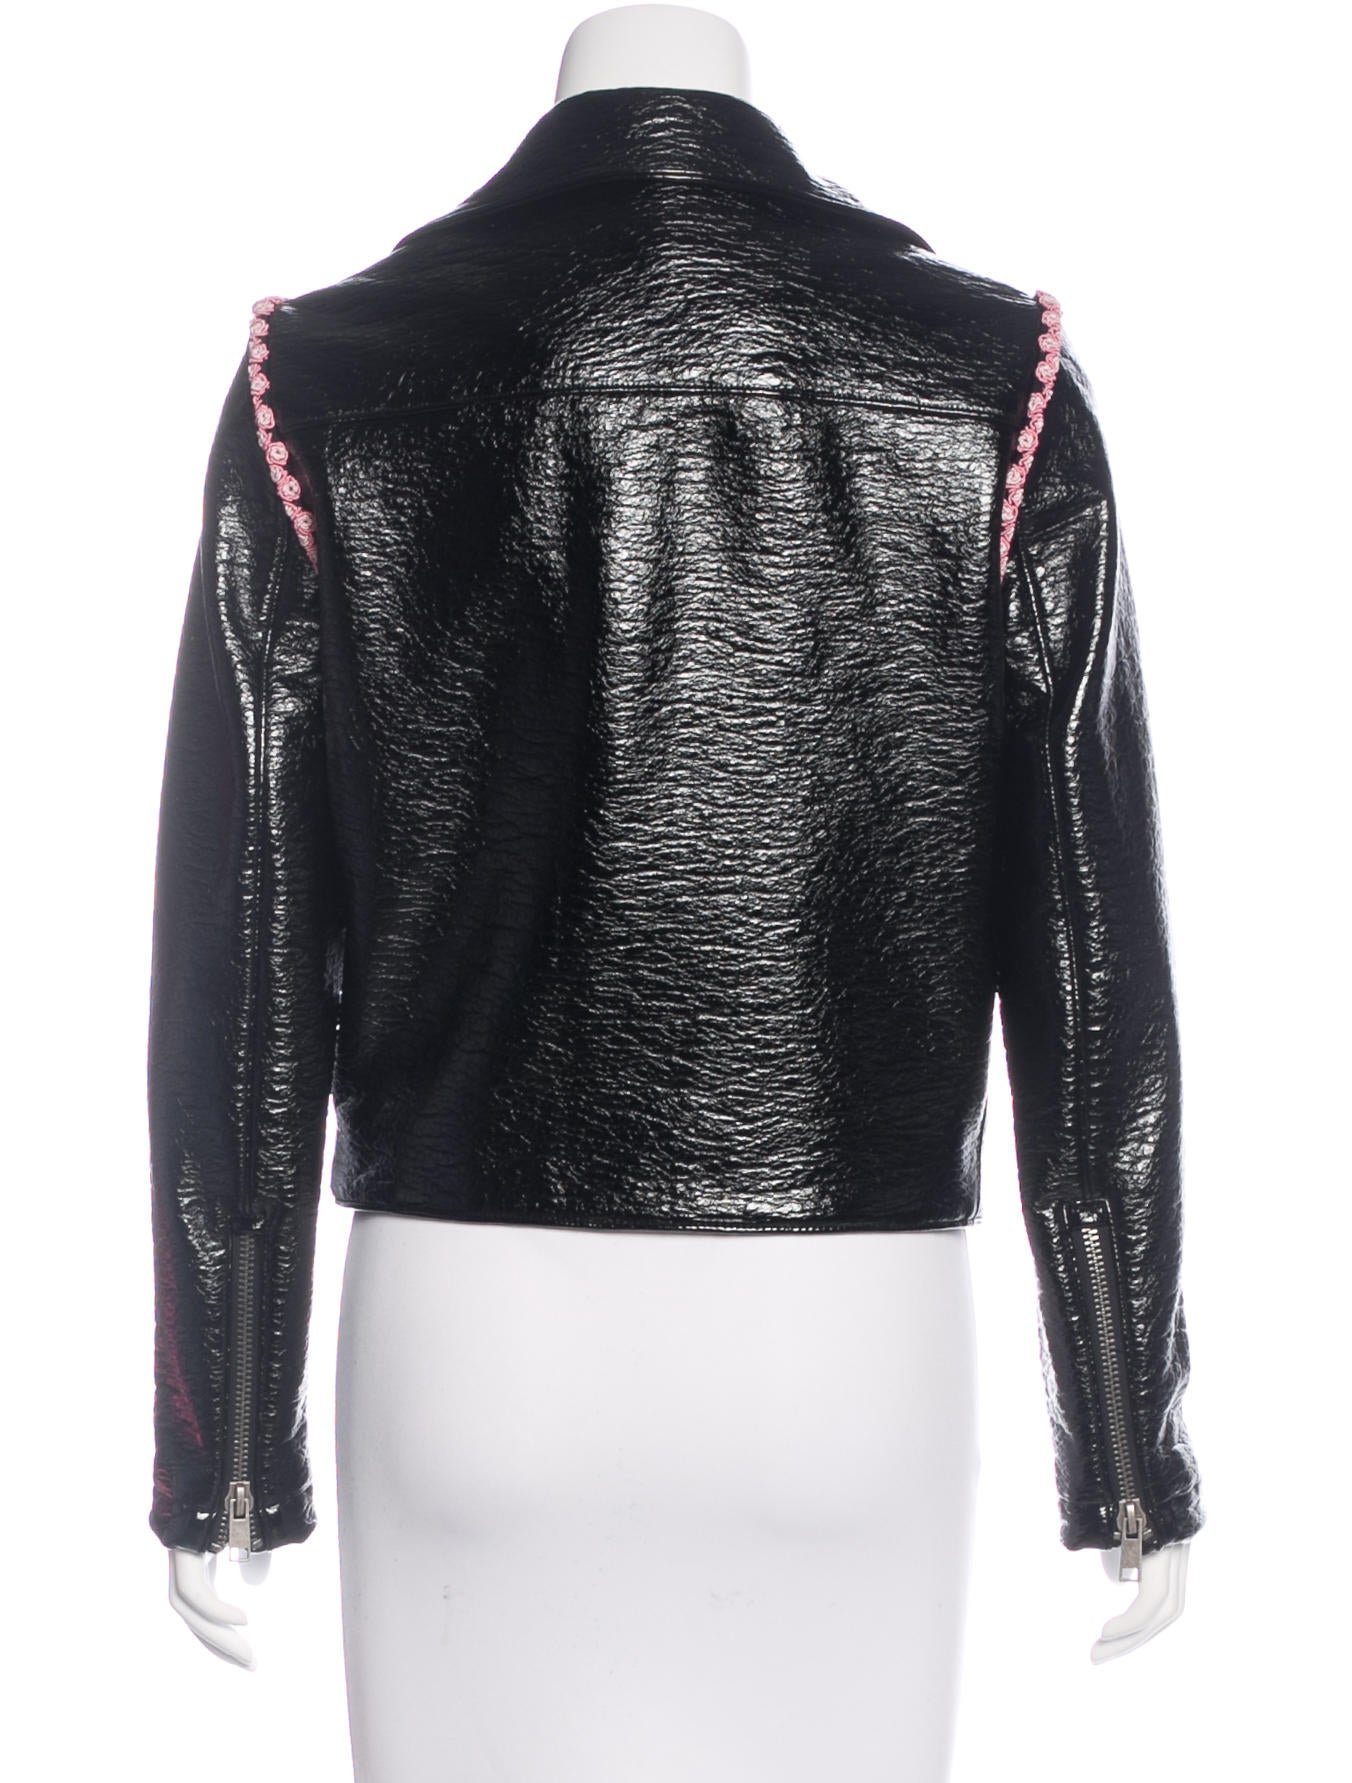 Shrimps Vinyl Biker Jacket Clothing W7220119 The